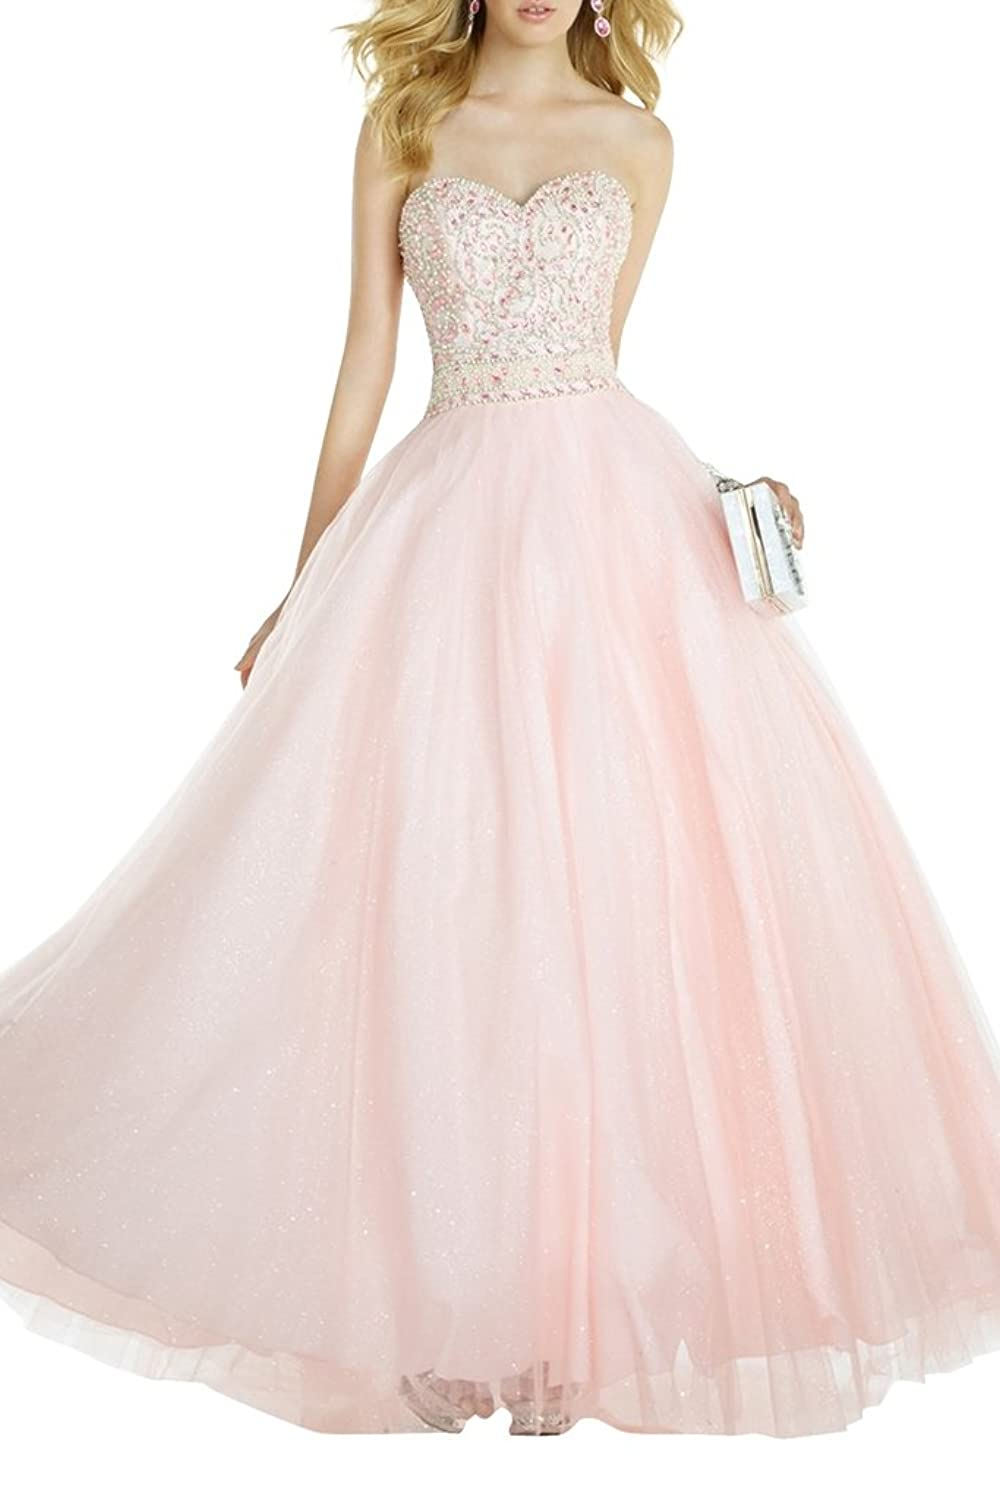 Charmant Damen Romantisch Hell Rosa Stickreien Steine Prinzess Abendkleider Abiballkleider Abschlussballkleider Prinzess